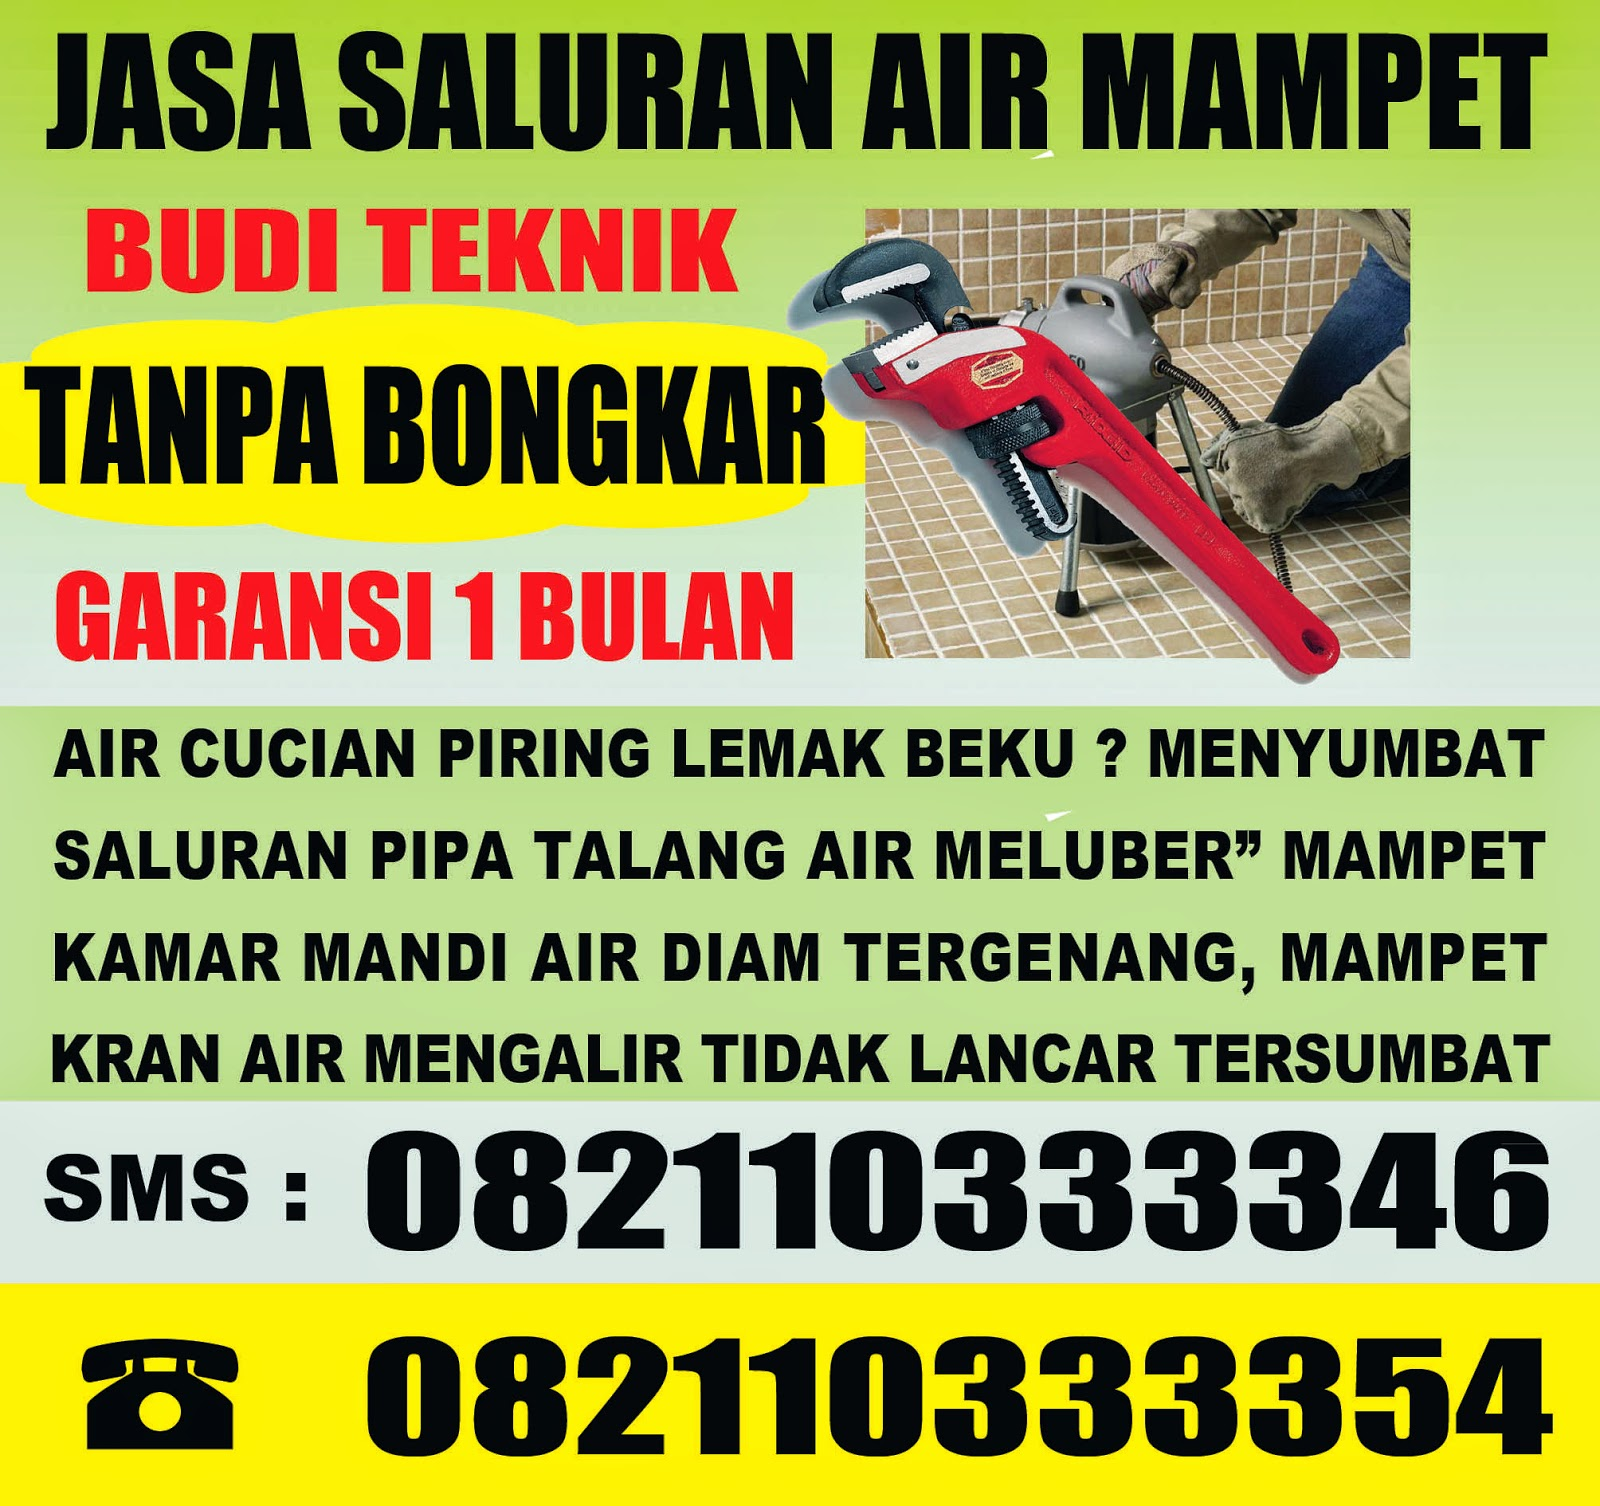 www.jasasaluranmampetjakarta.com